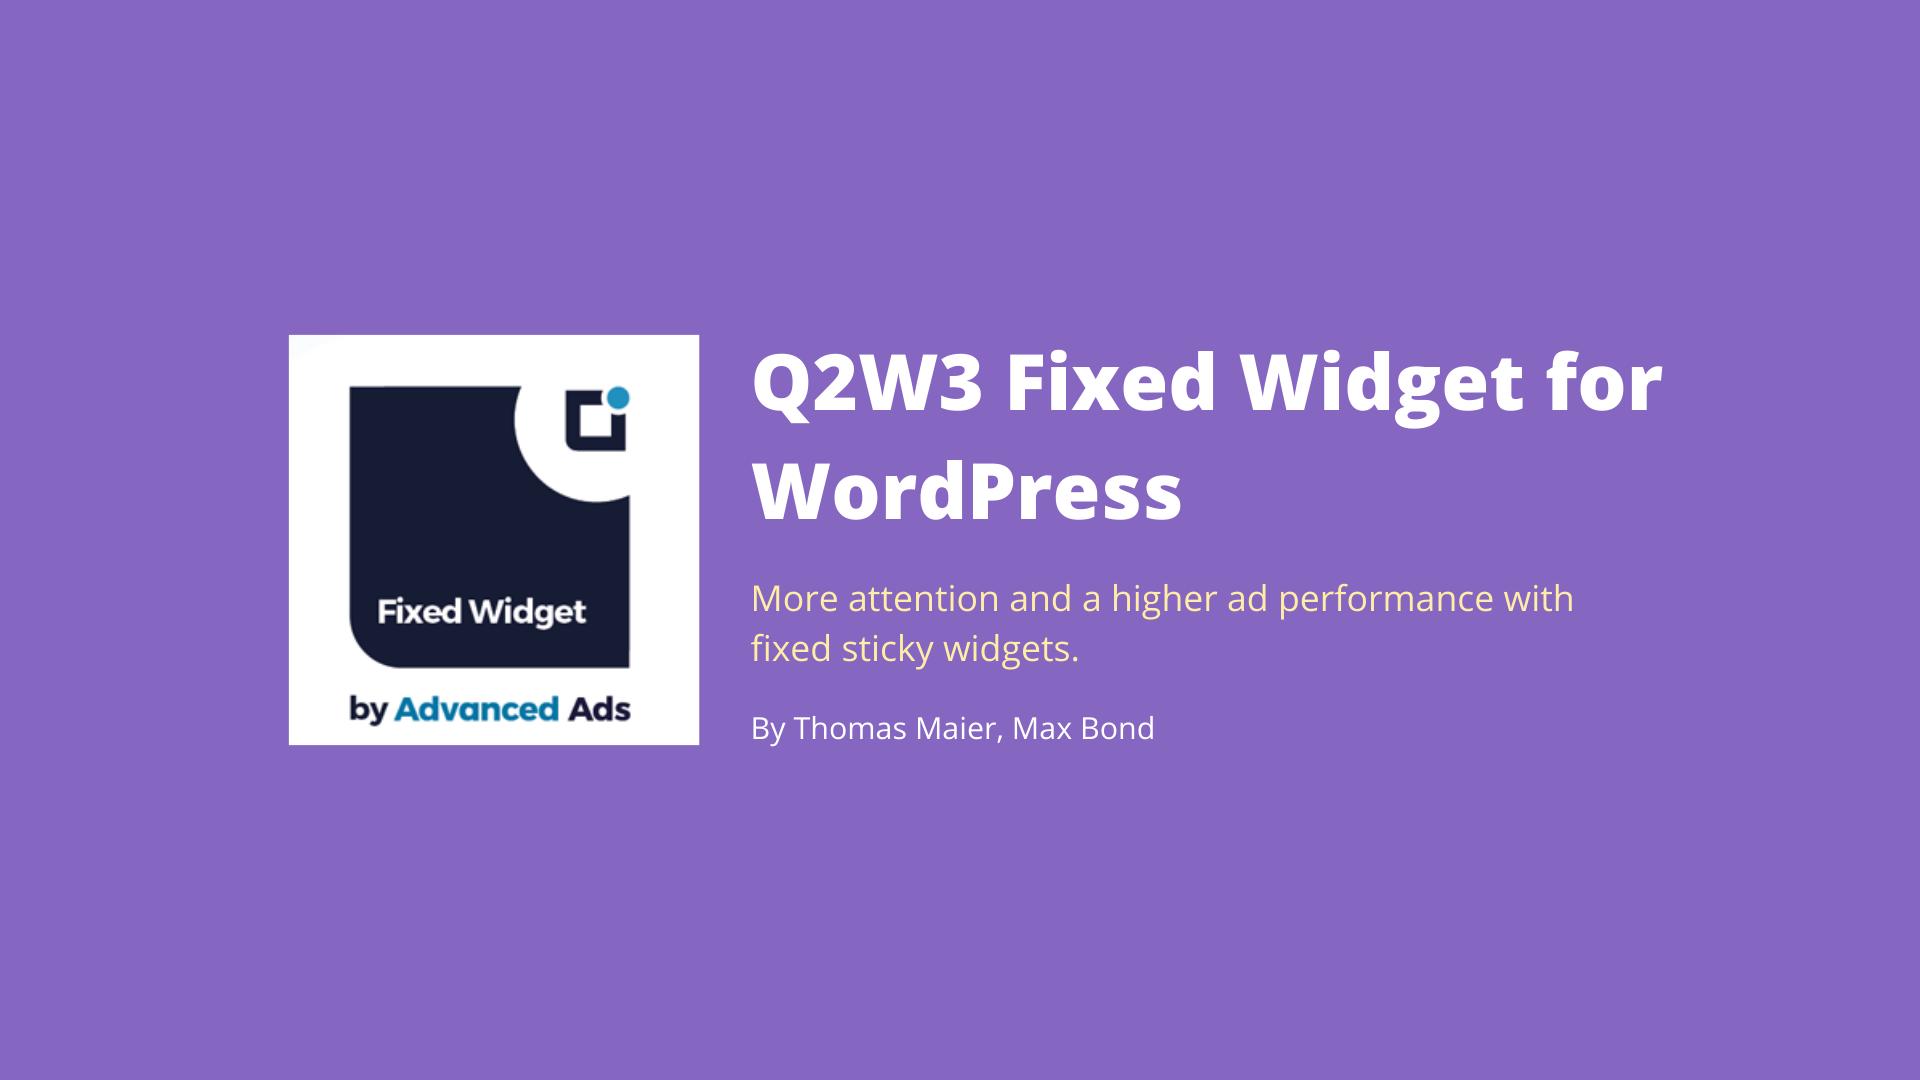 Q2W3 Fixed Widget for WordPress